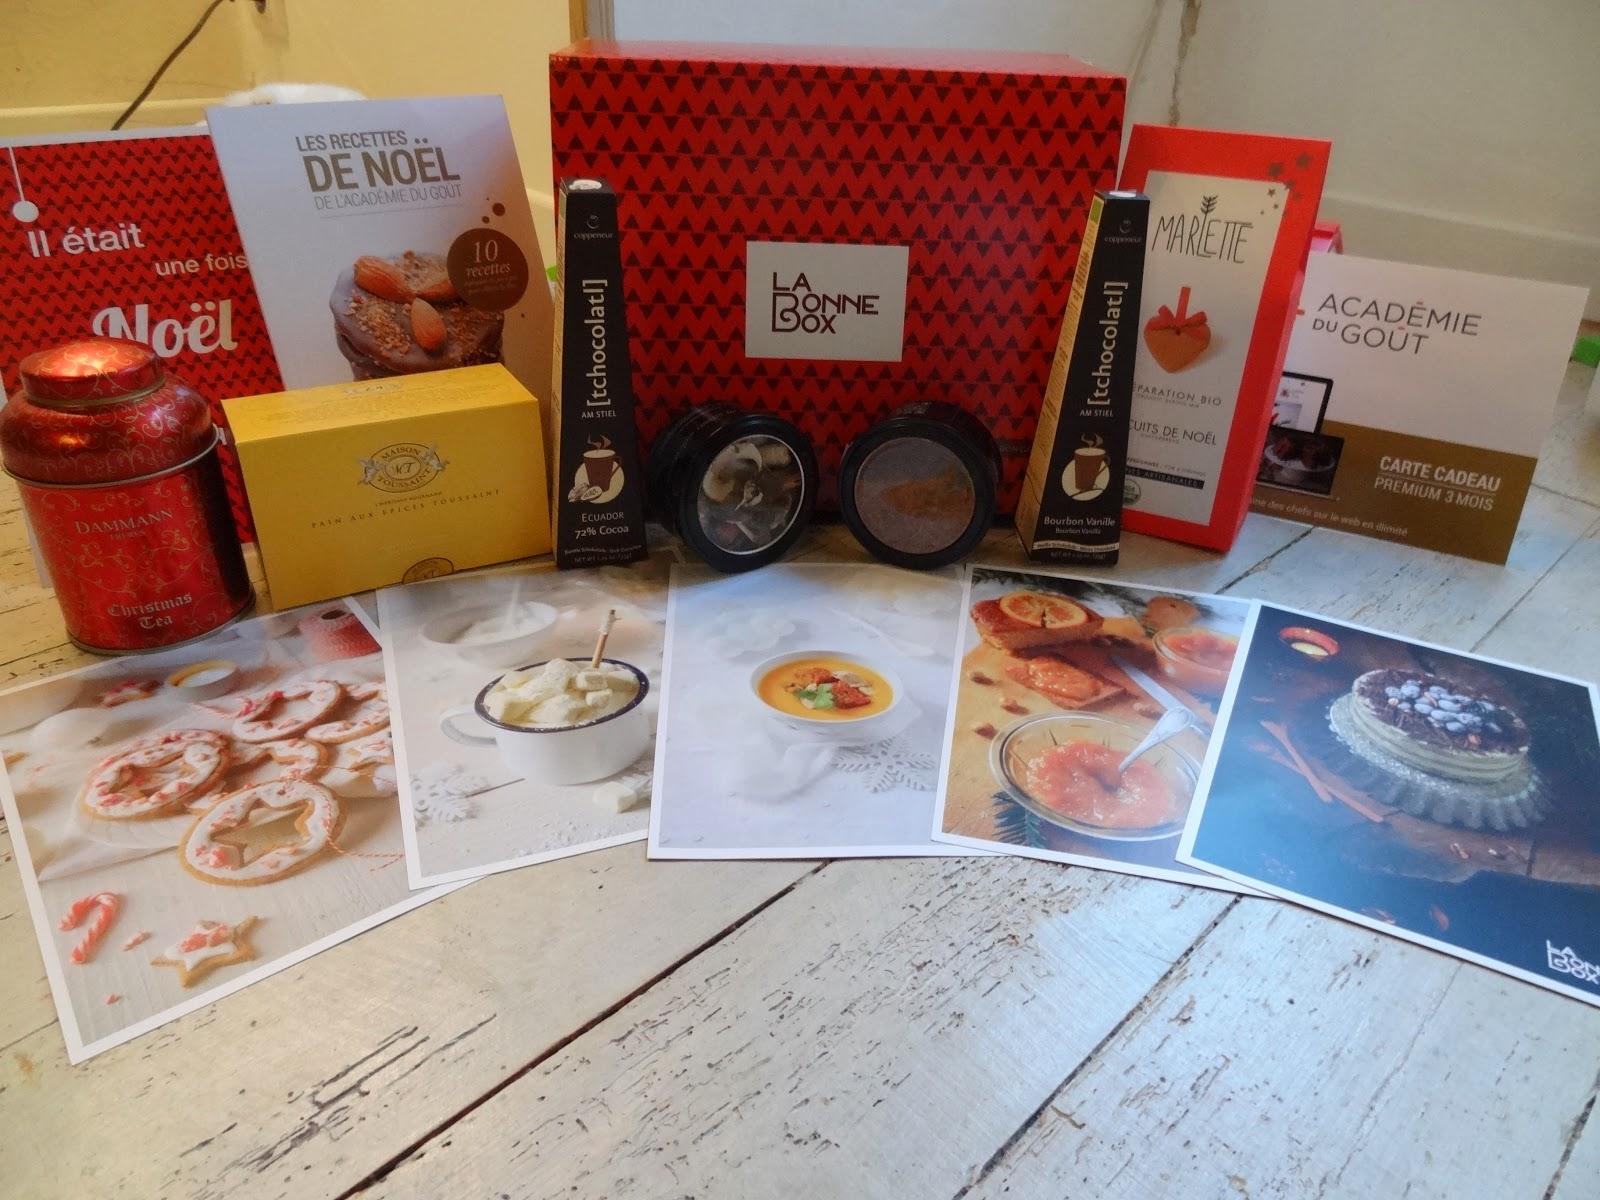 La Bonne Box - Mars 2015 - España!